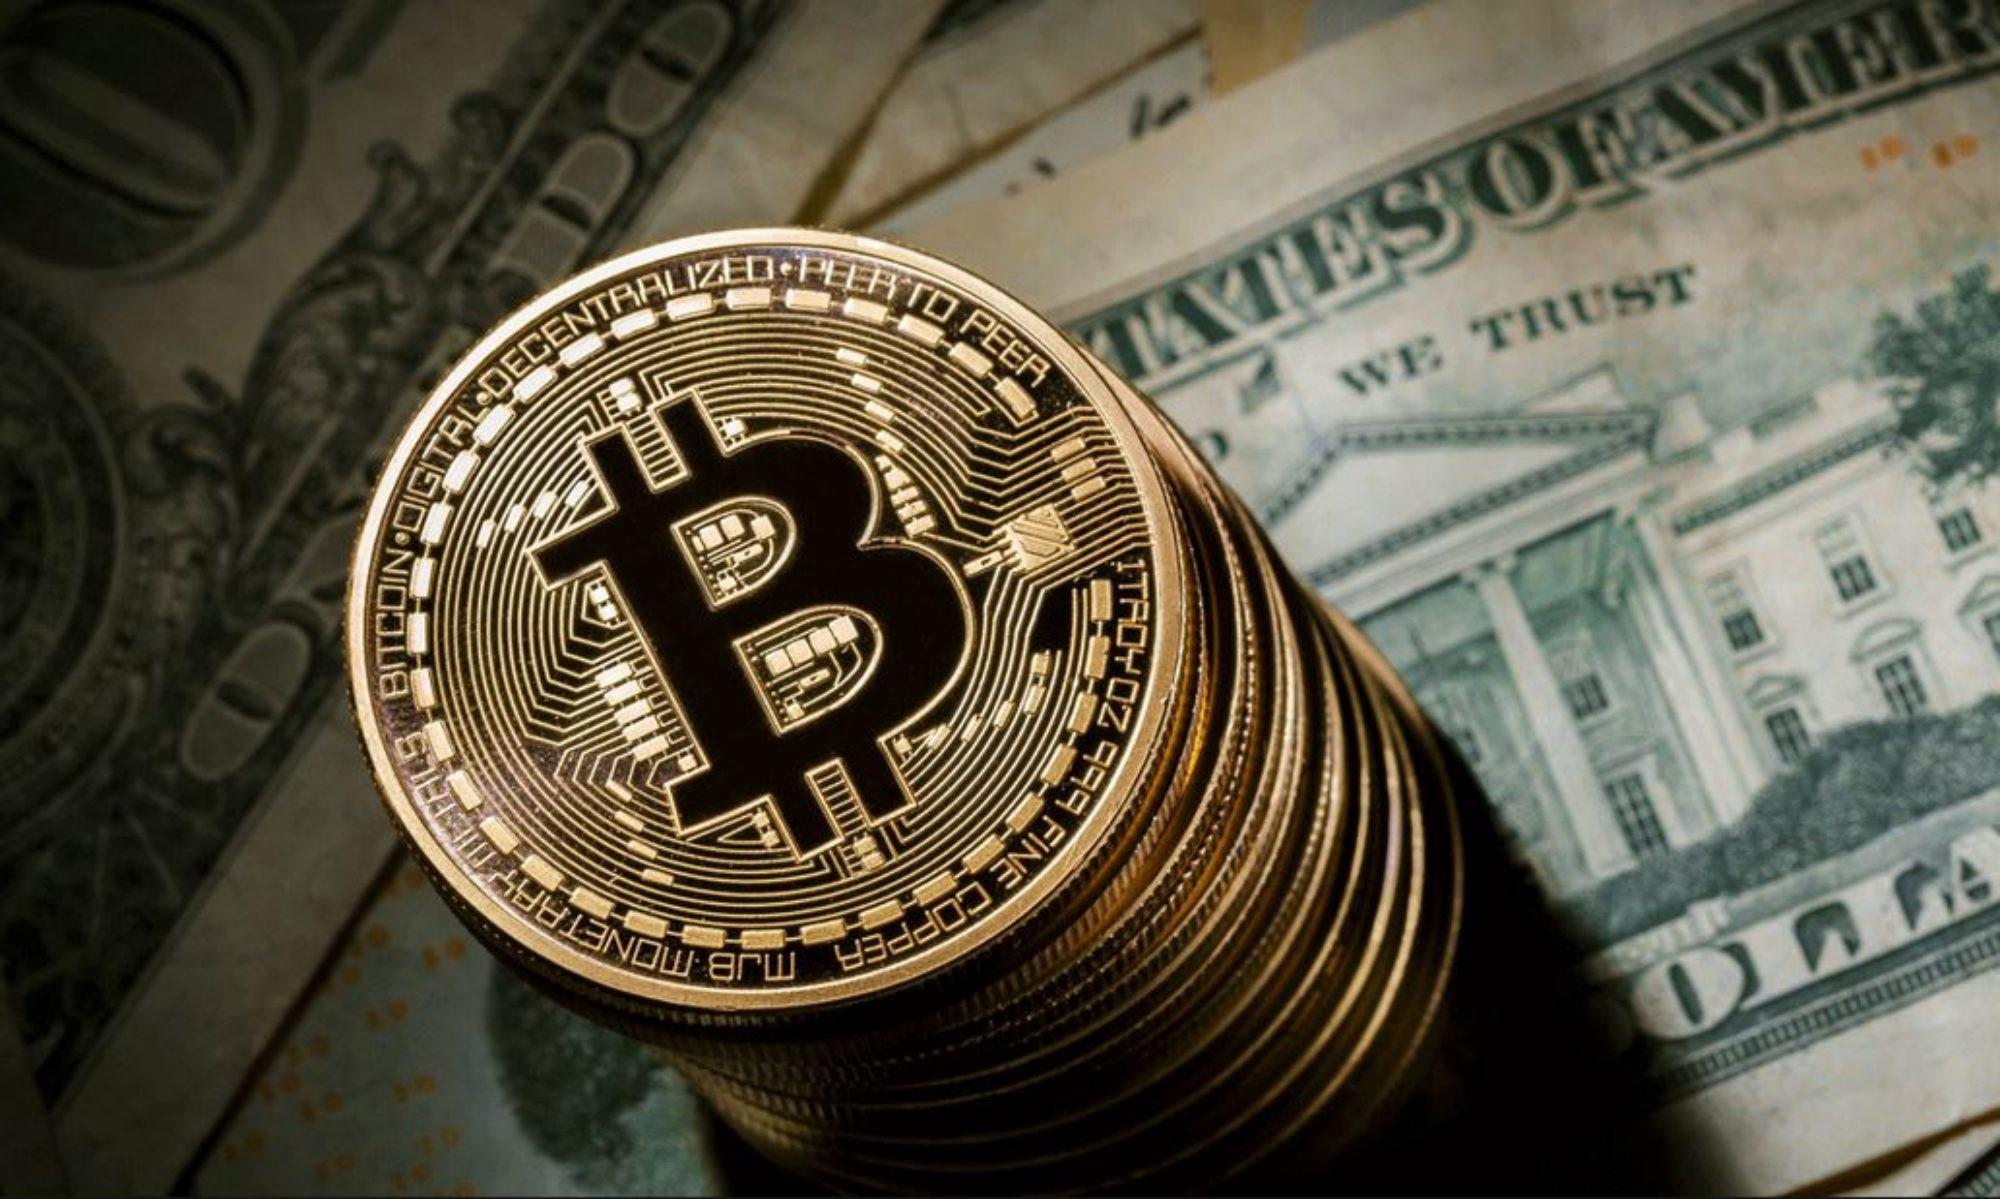 За три месяца компания Square заработала от продажи биткоинов 34 млн. долл.